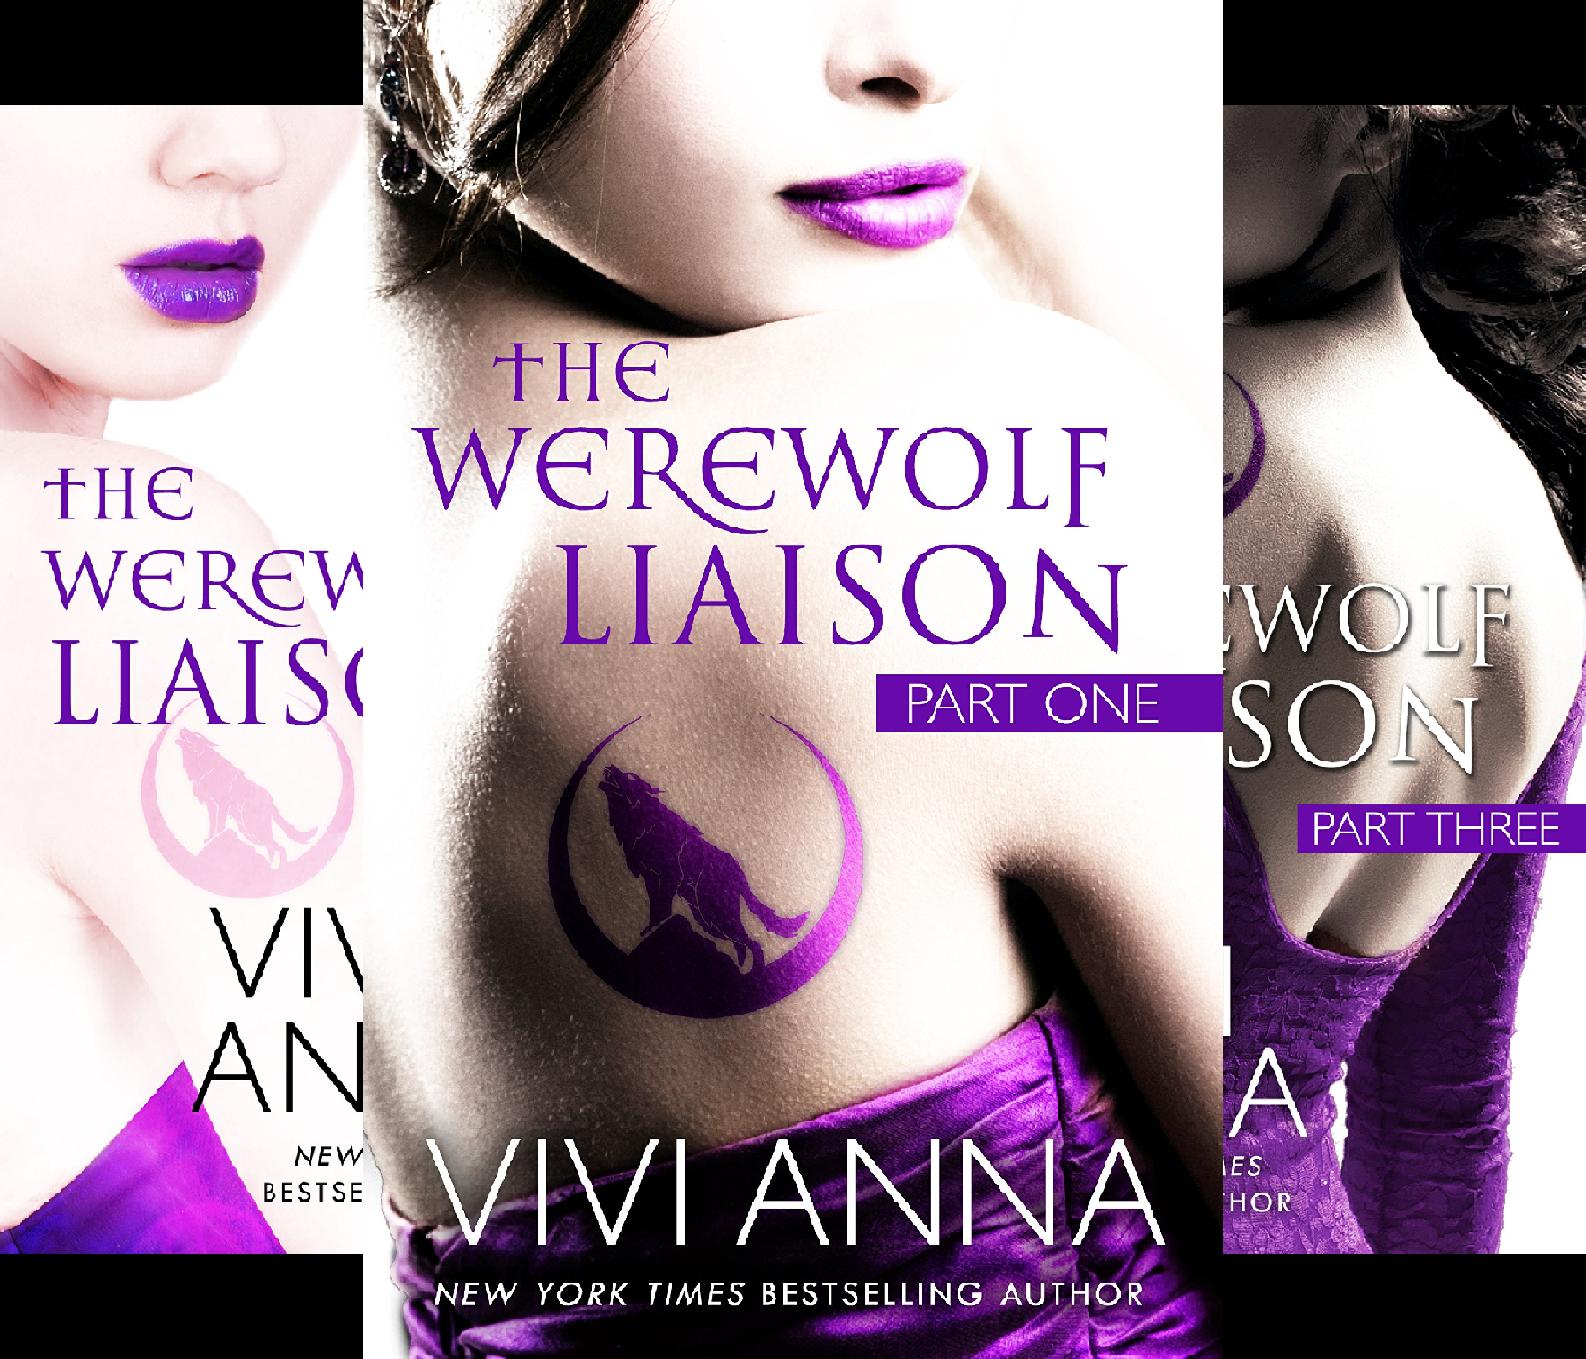 The Werewolf Liaison (3 Book Series)